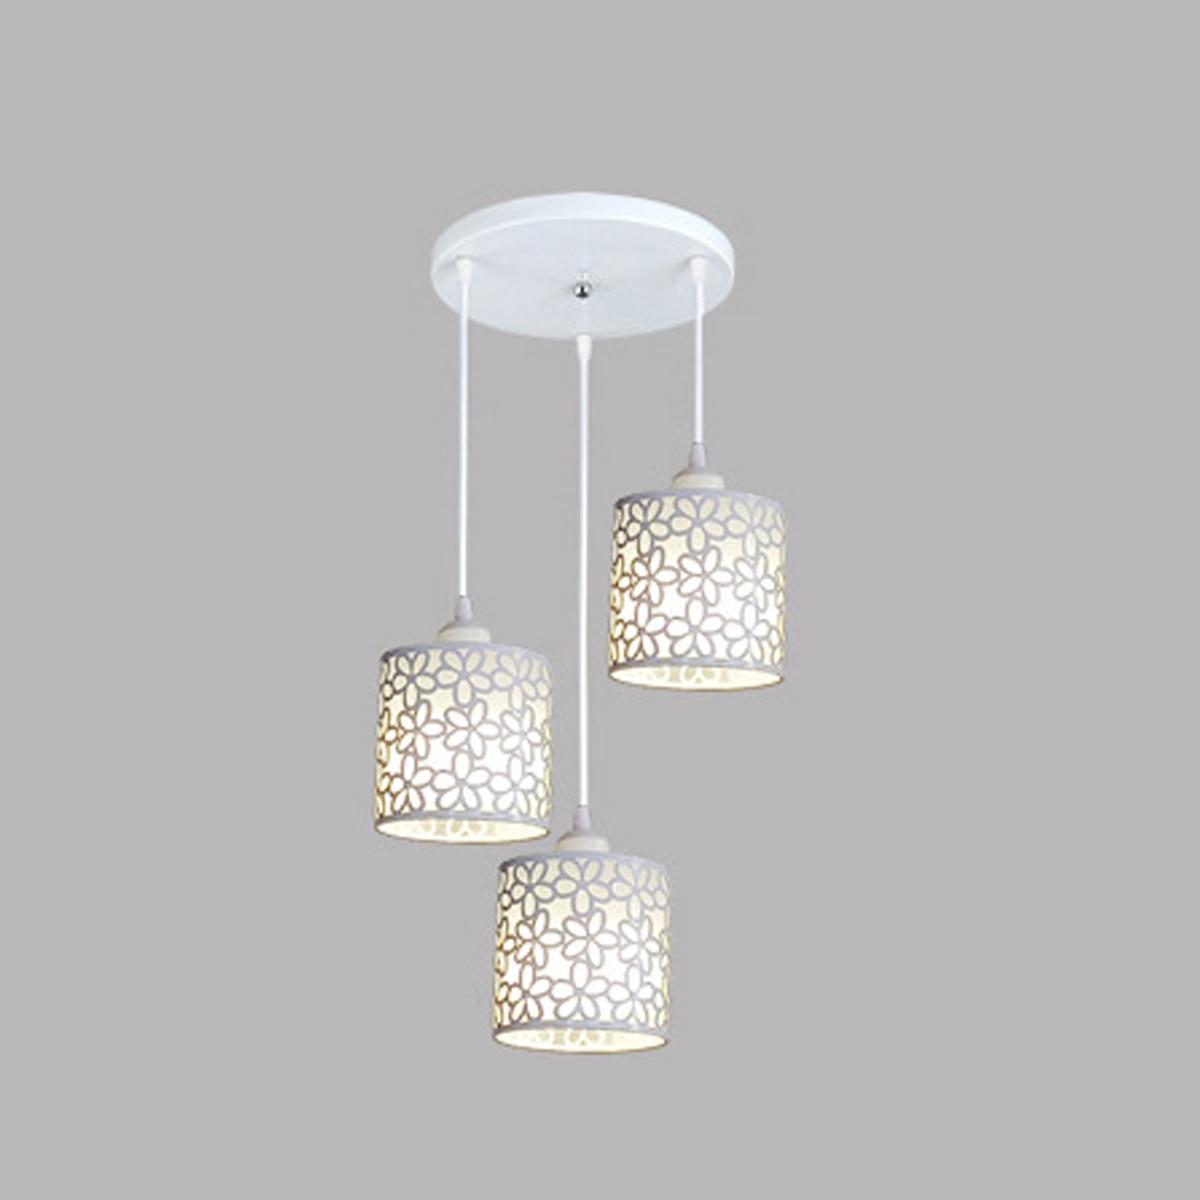 โมเดิร์นนอร์ดิกไฟ LED จี้โคมไฟเหล็ก Hollow OUT แขวนโคมไฟตกแต่งสำหรับห้องนอนห้องนอน Shop